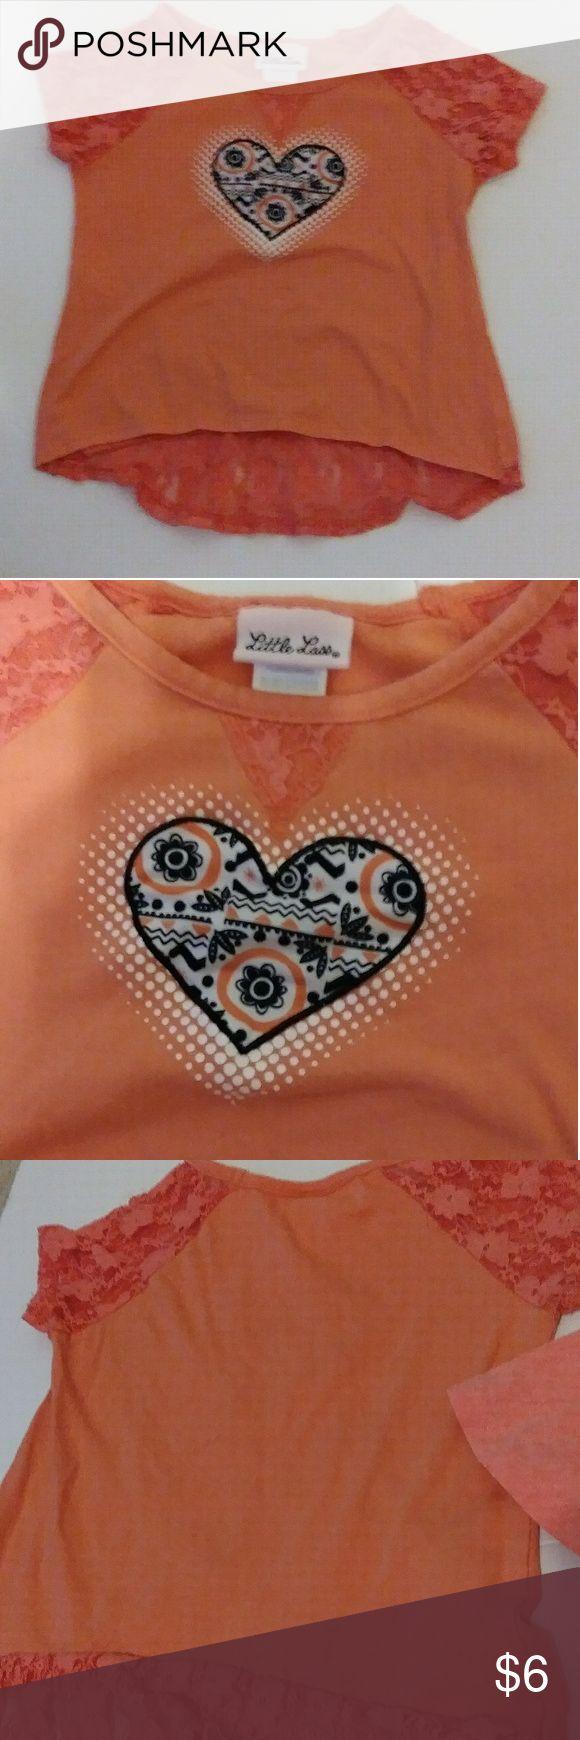 2 Girls Size 6/6x Tops Two girls tops - Little Lass heart logo shirt size 6x and 365 Kids Garanimals crab shirt. Little Lass Shirts & Tops